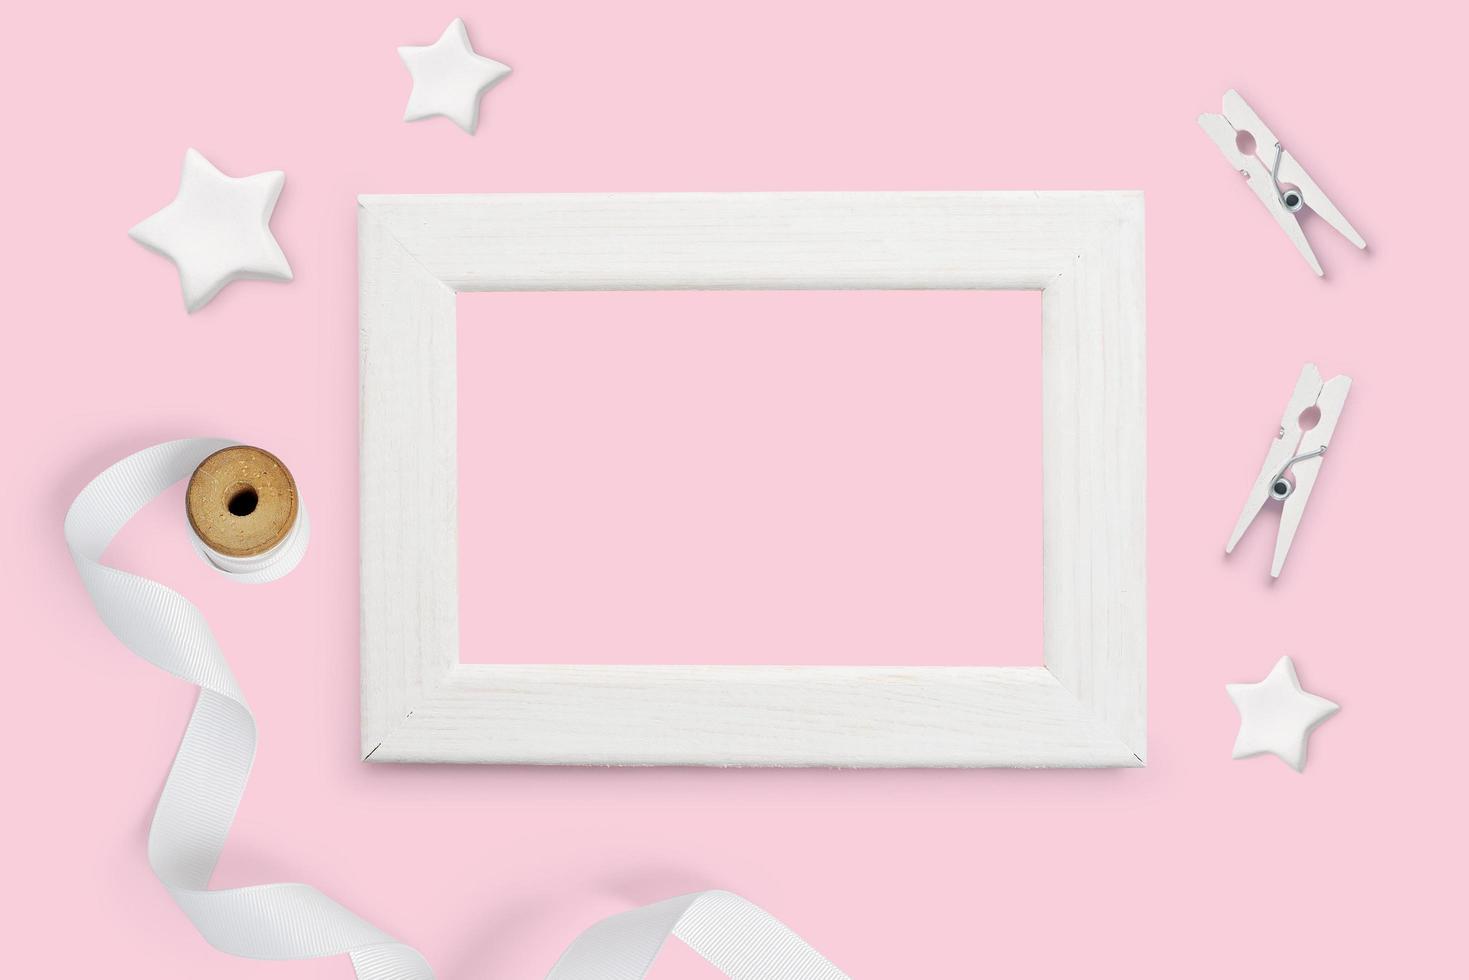 maquette de cadre en bois blanc, étoiles blanches, ruban et pinces à linge photo